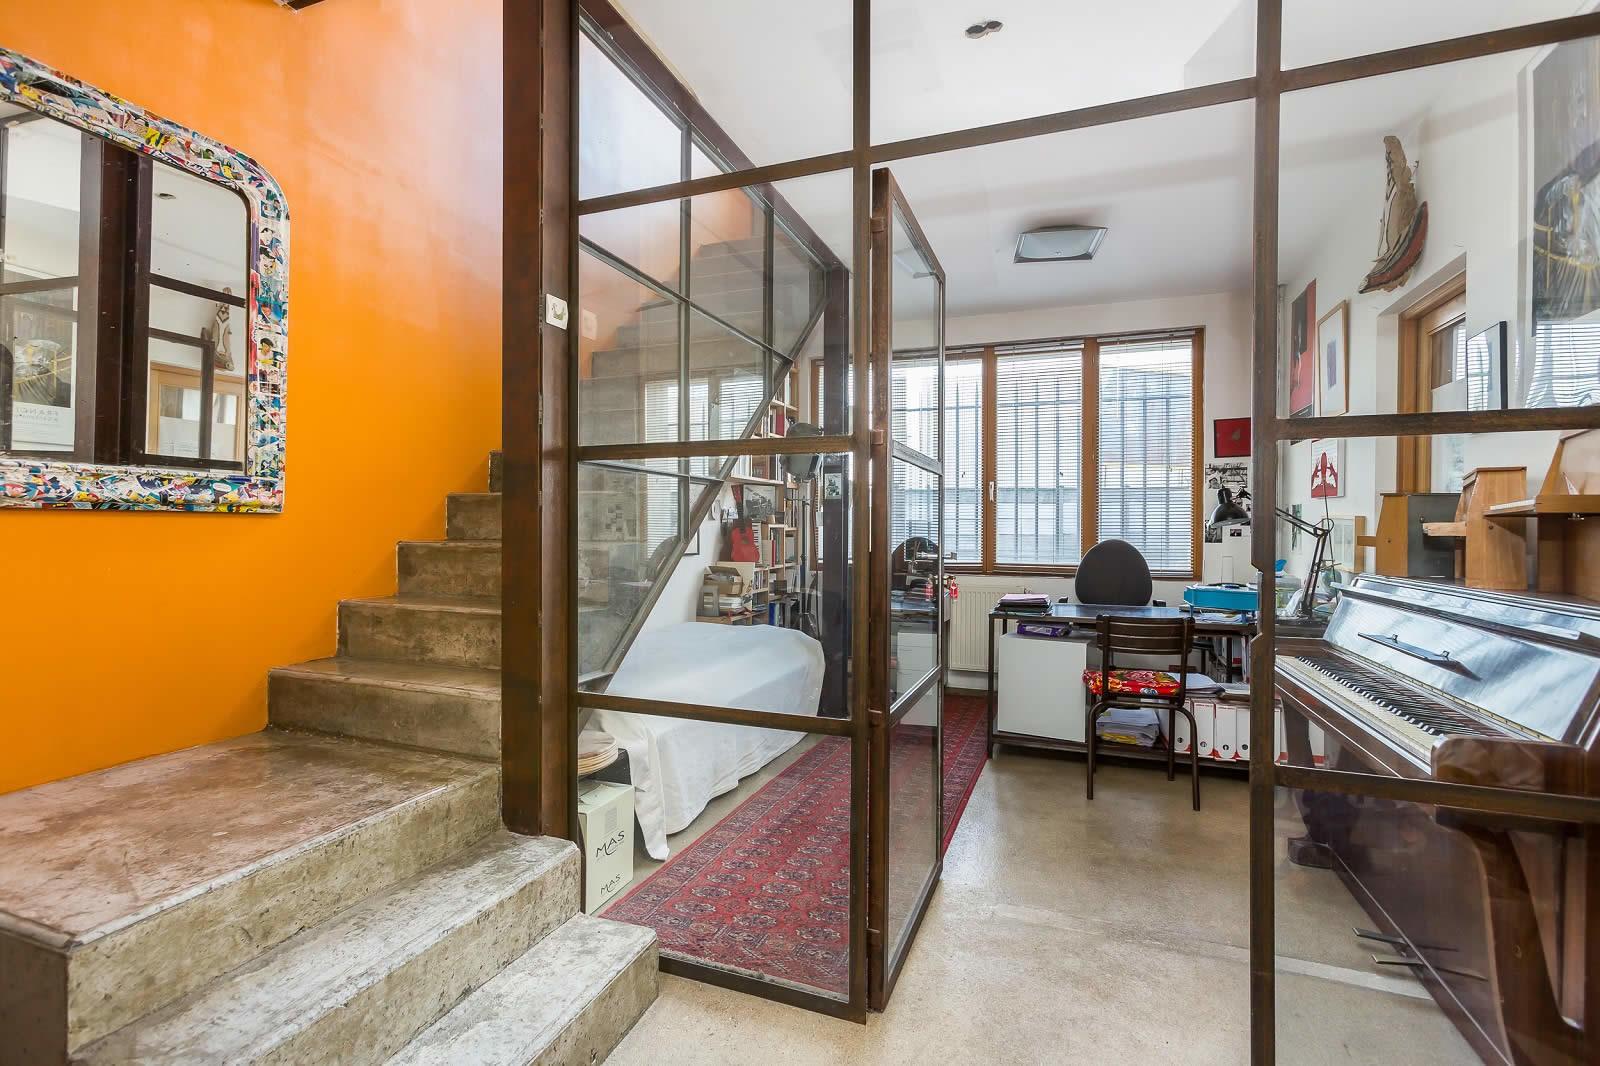 loft atelier d 39 artiste vendre ivry sur seine spacieux lumineux terrasse ensoleill e et. Black Bedroom Furniture Sets. Home Design Ideas